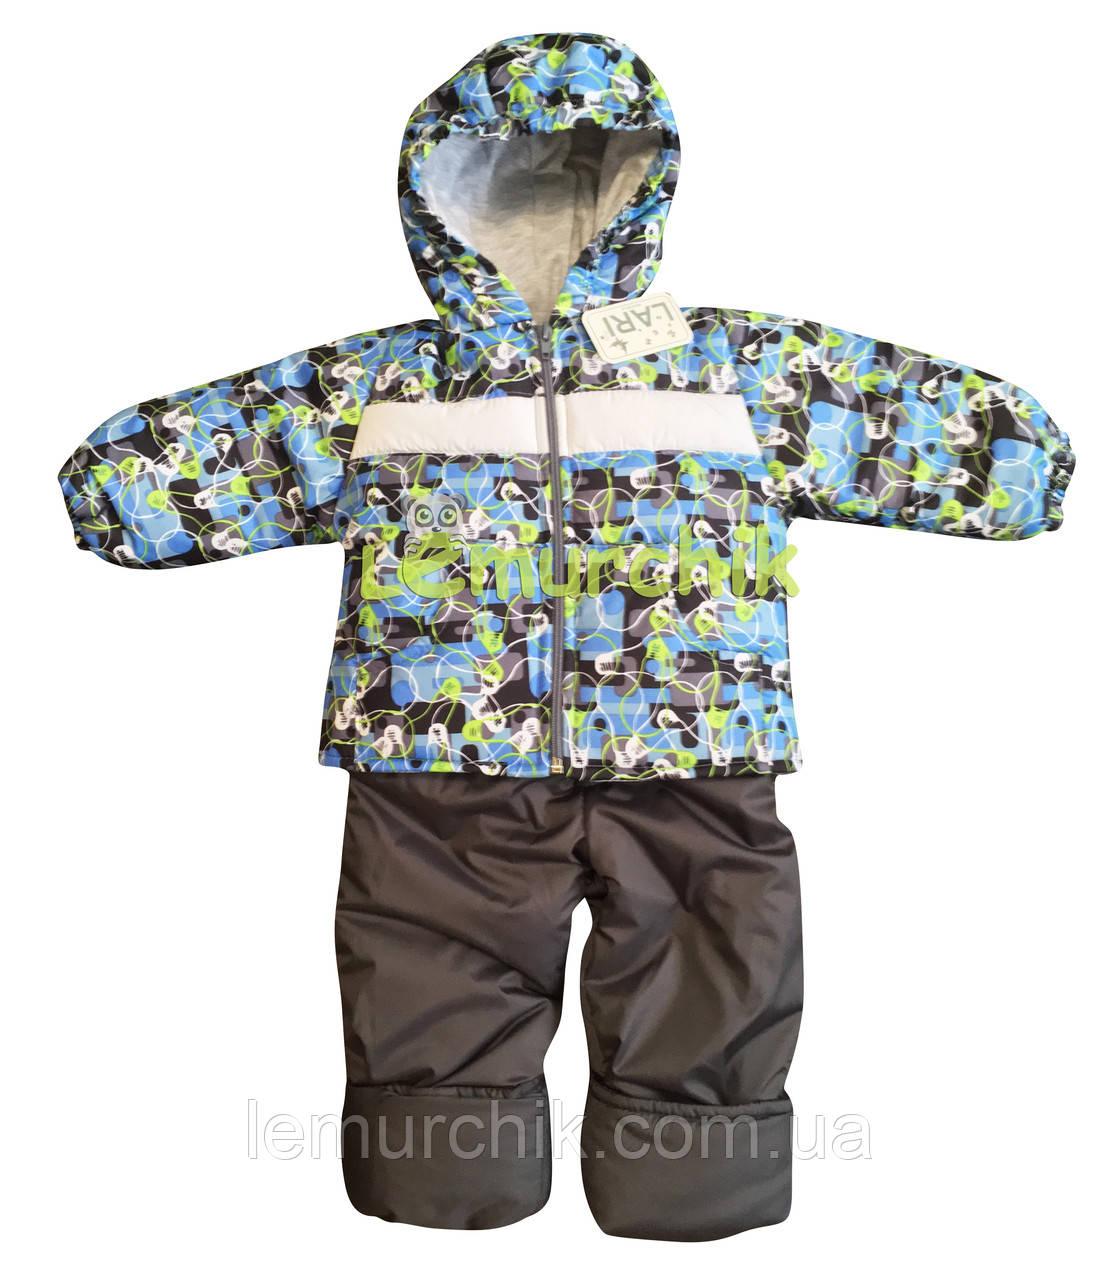 Комбінезон дитячий тканини холлофайбер (куртка+напівкомбінезон на бретелях) 68-74 р-р, Колір 2